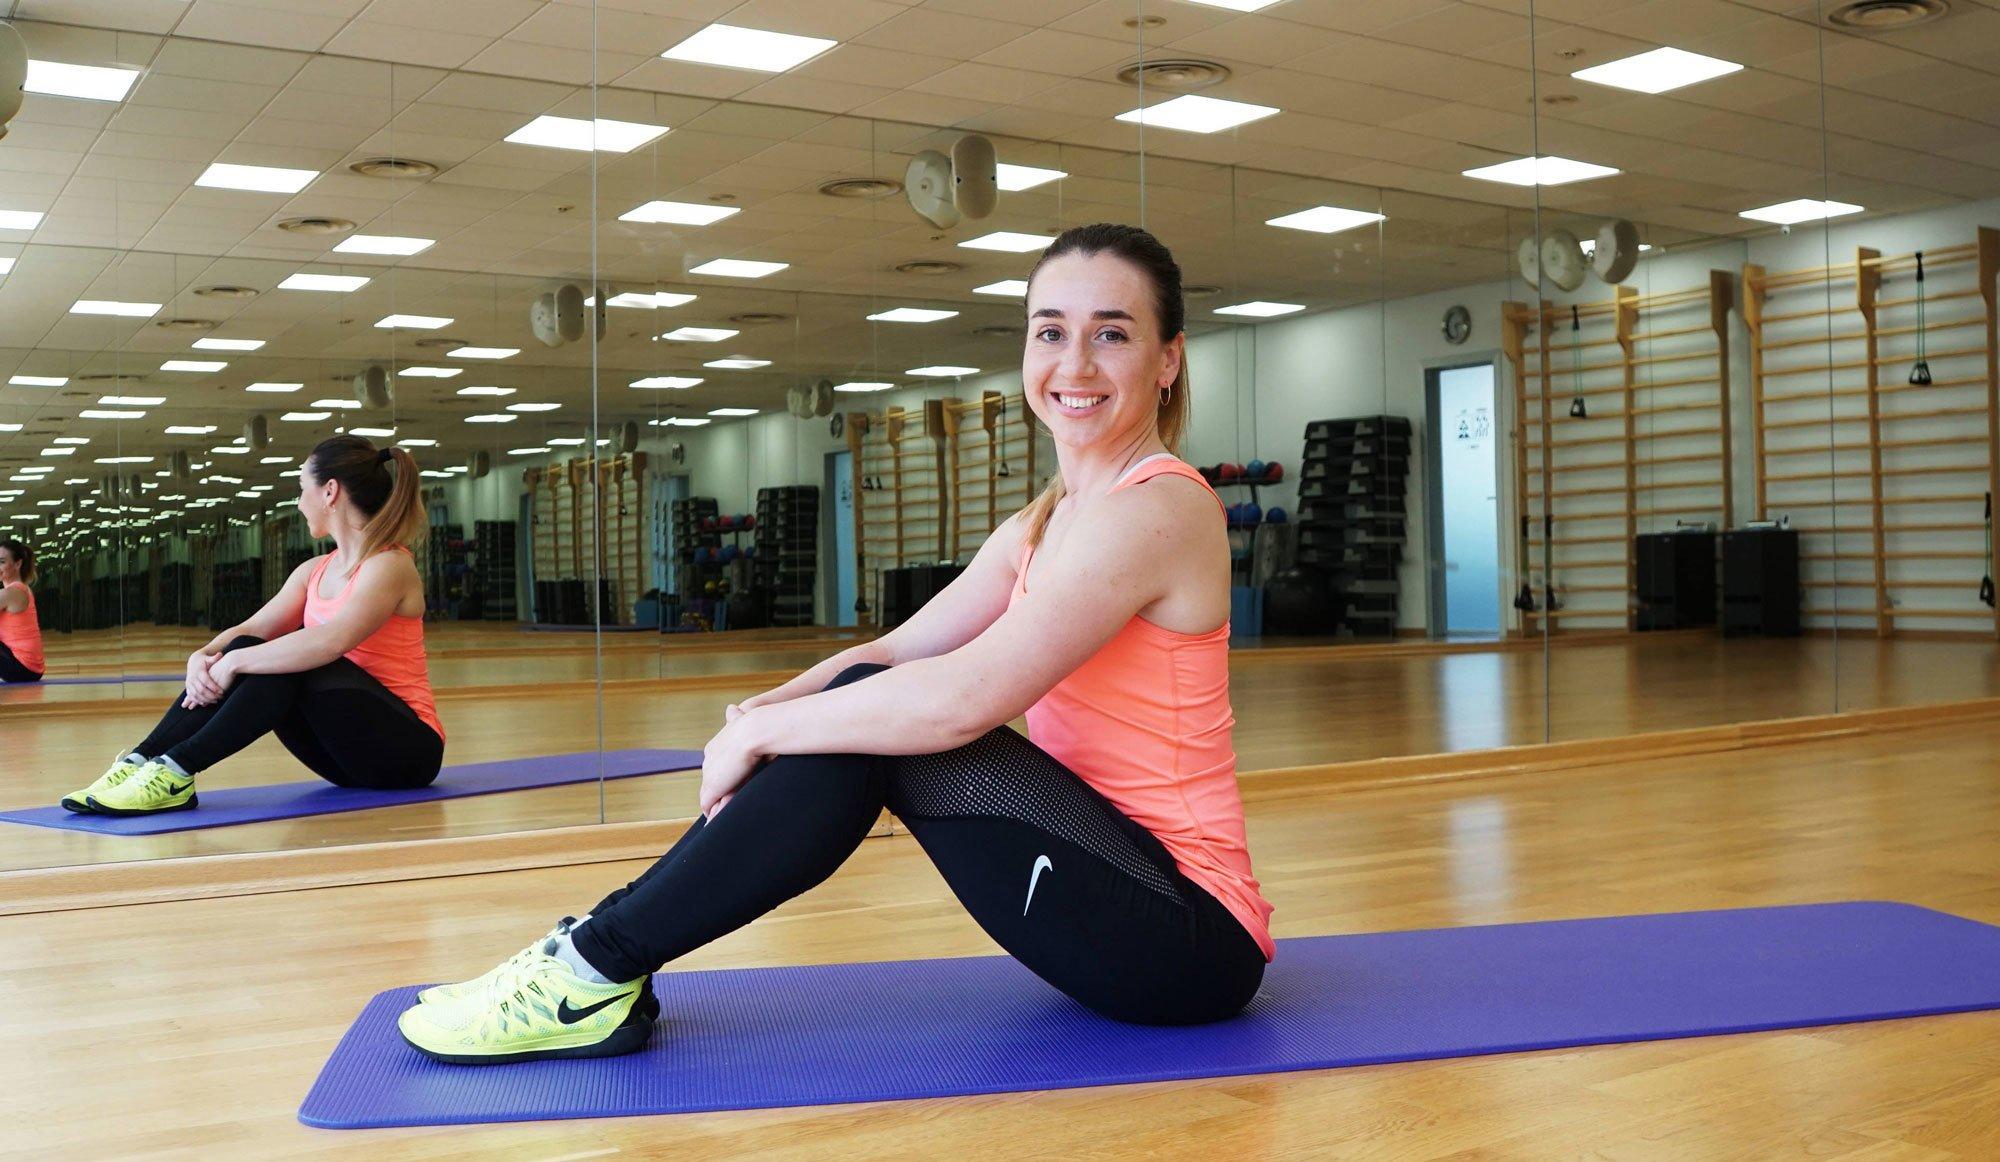 Как накачать ягодицы, ноги и подтянуть бедра: 7 супер упражнений от тренера